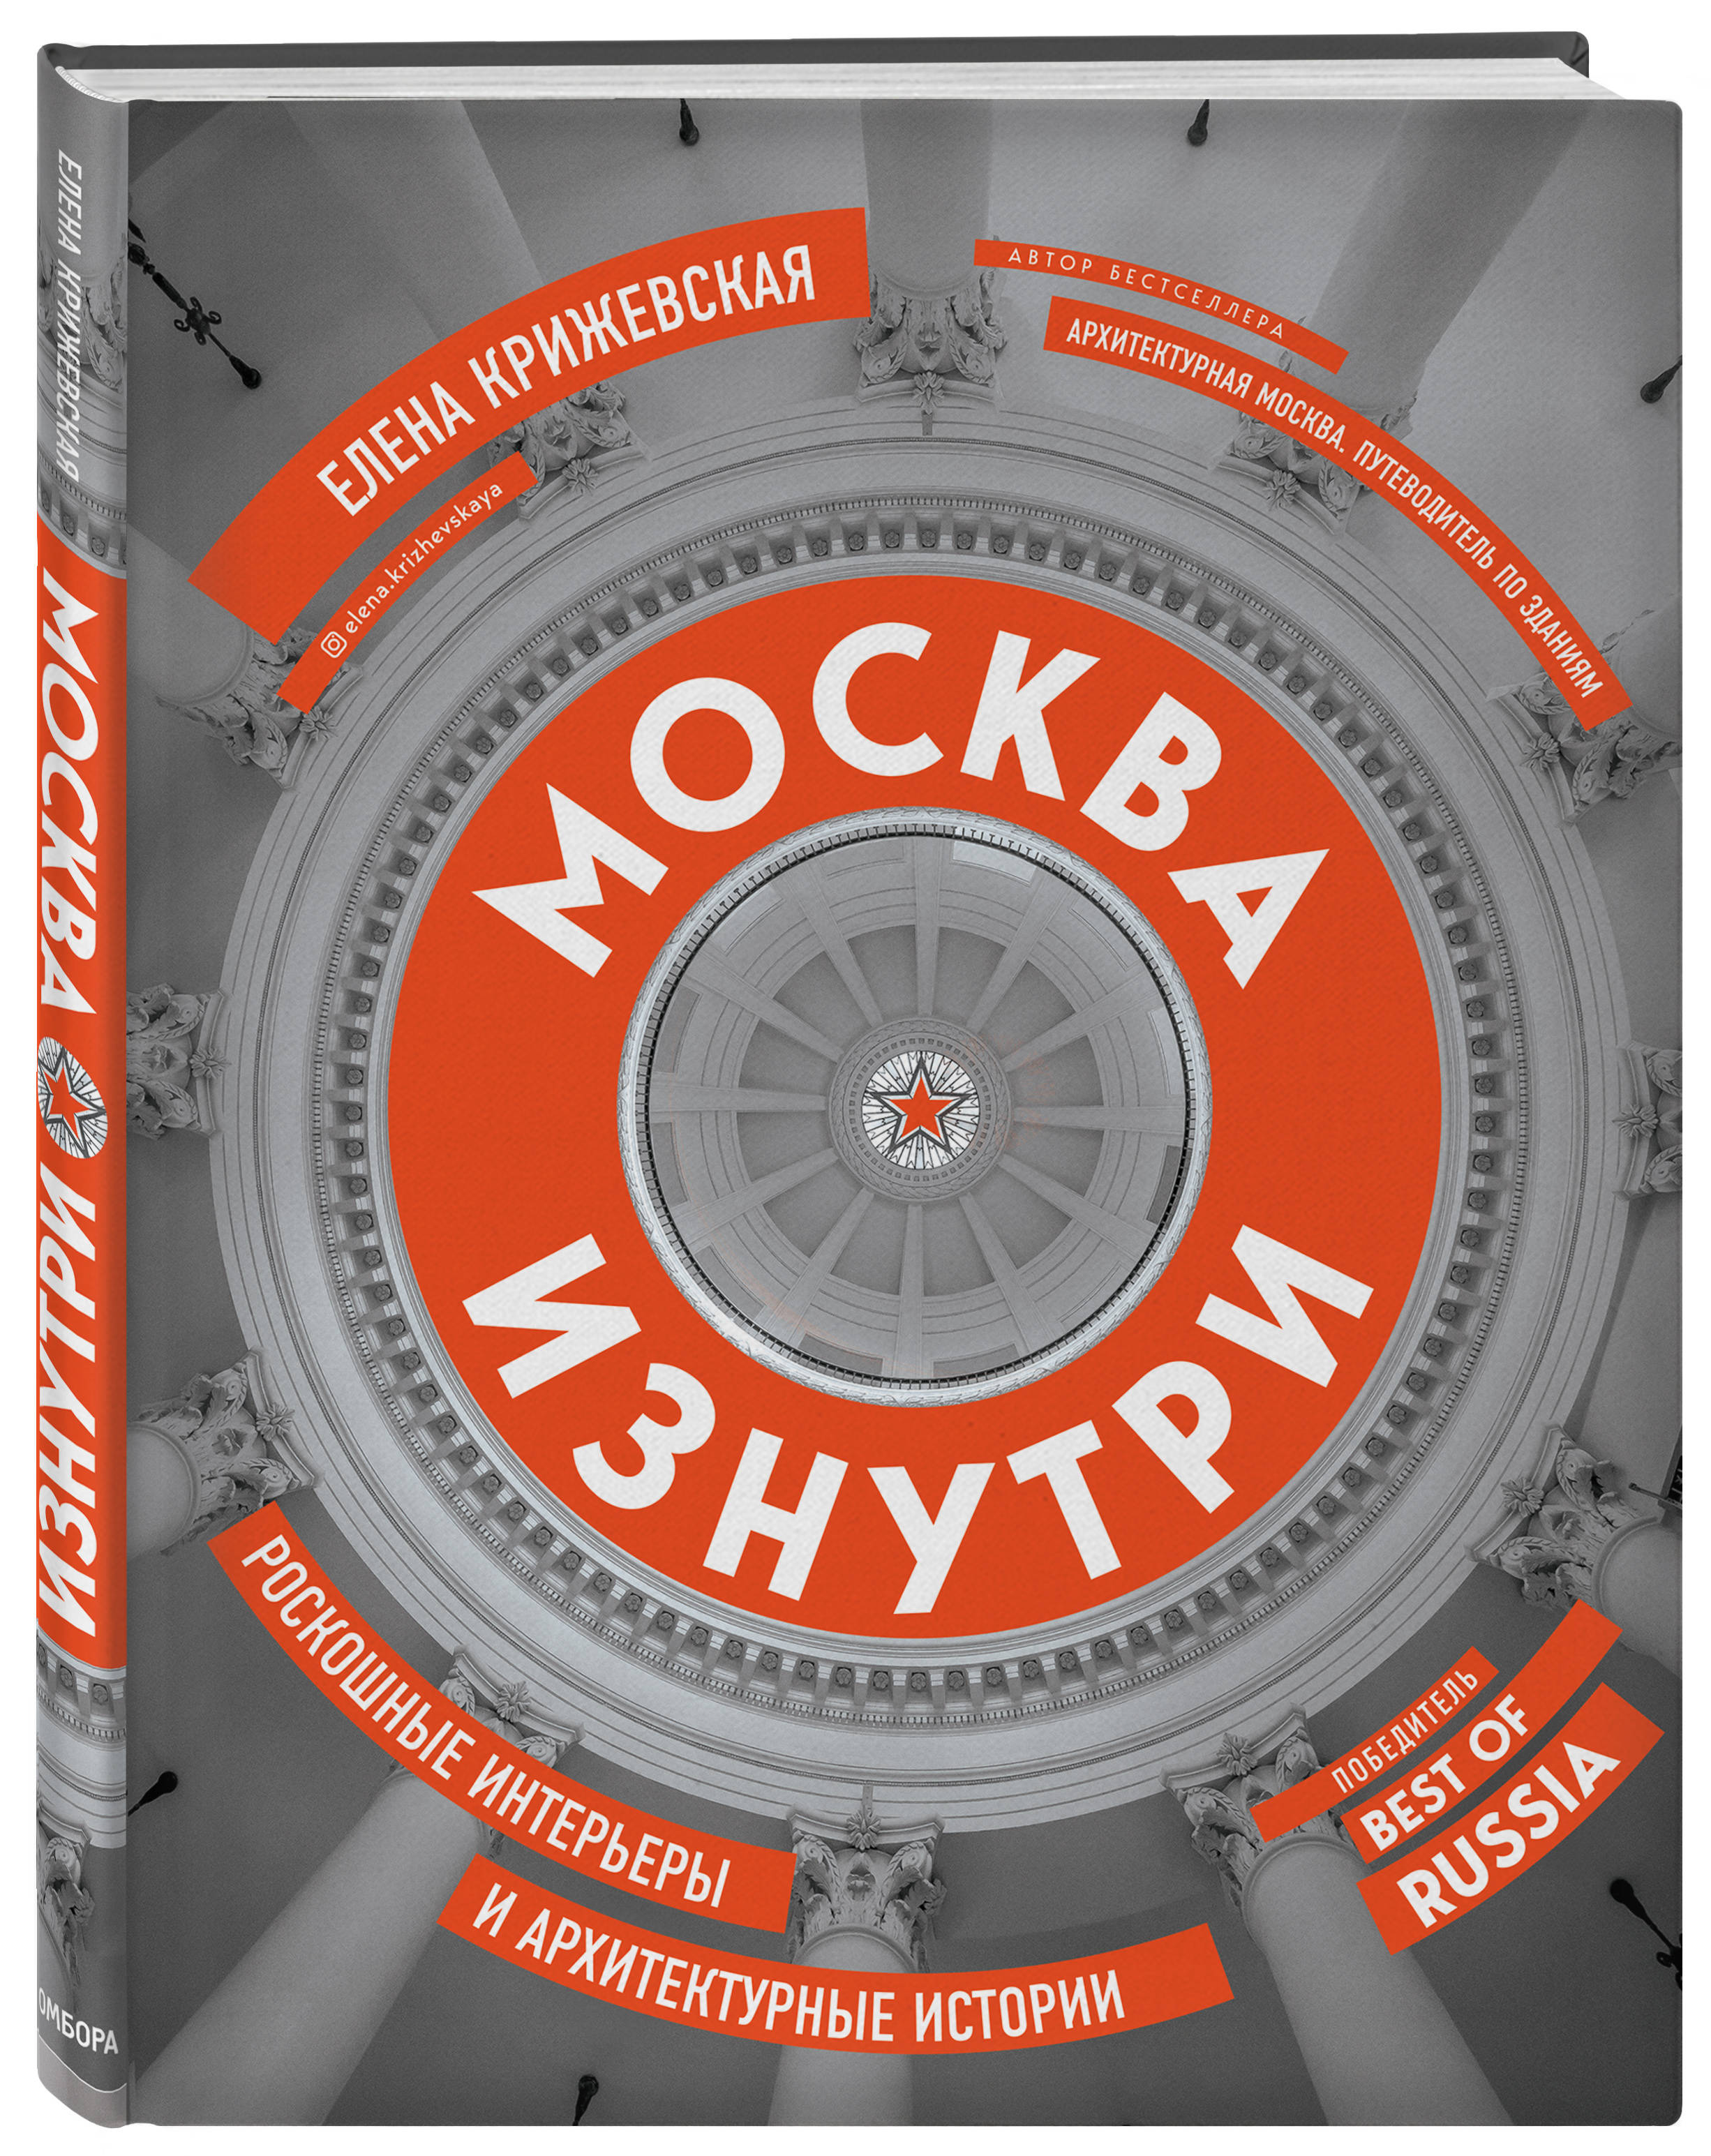 Москва изнутри: роскошные интерьеры и архитектурные истории ( Крижевская Елена Юрьевна  )